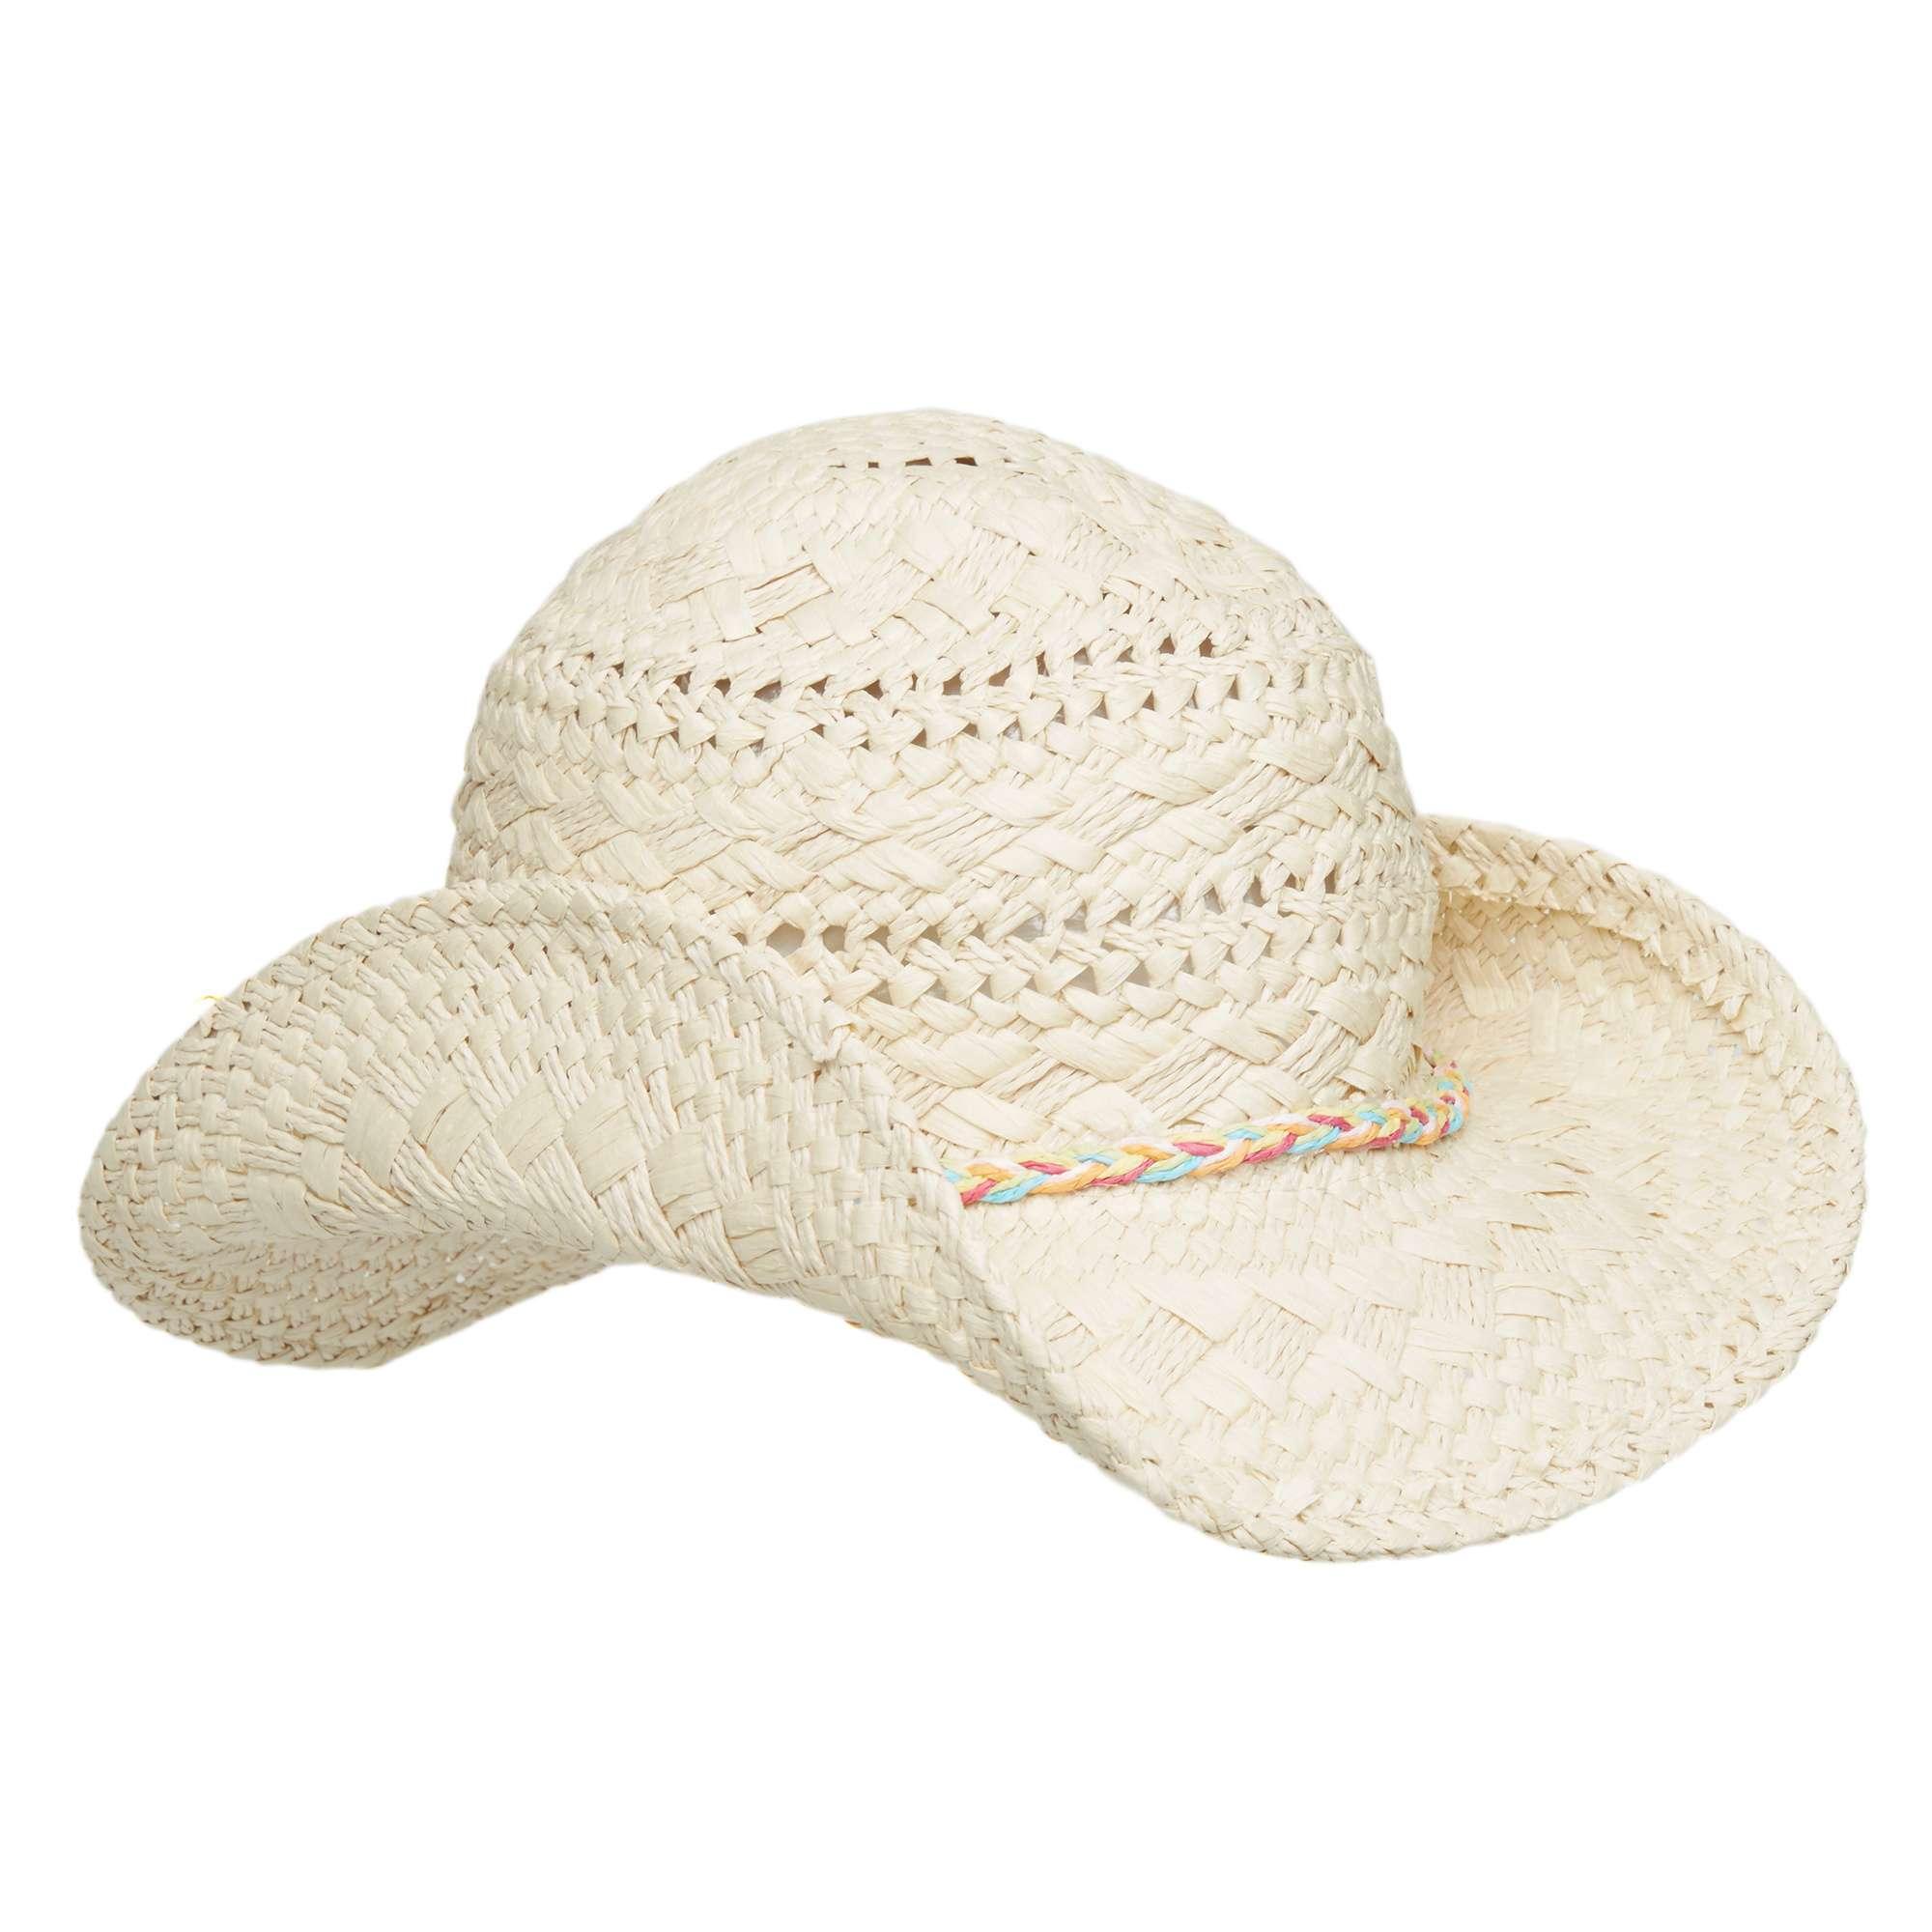 PETER STORM Girls' Stetson Hat